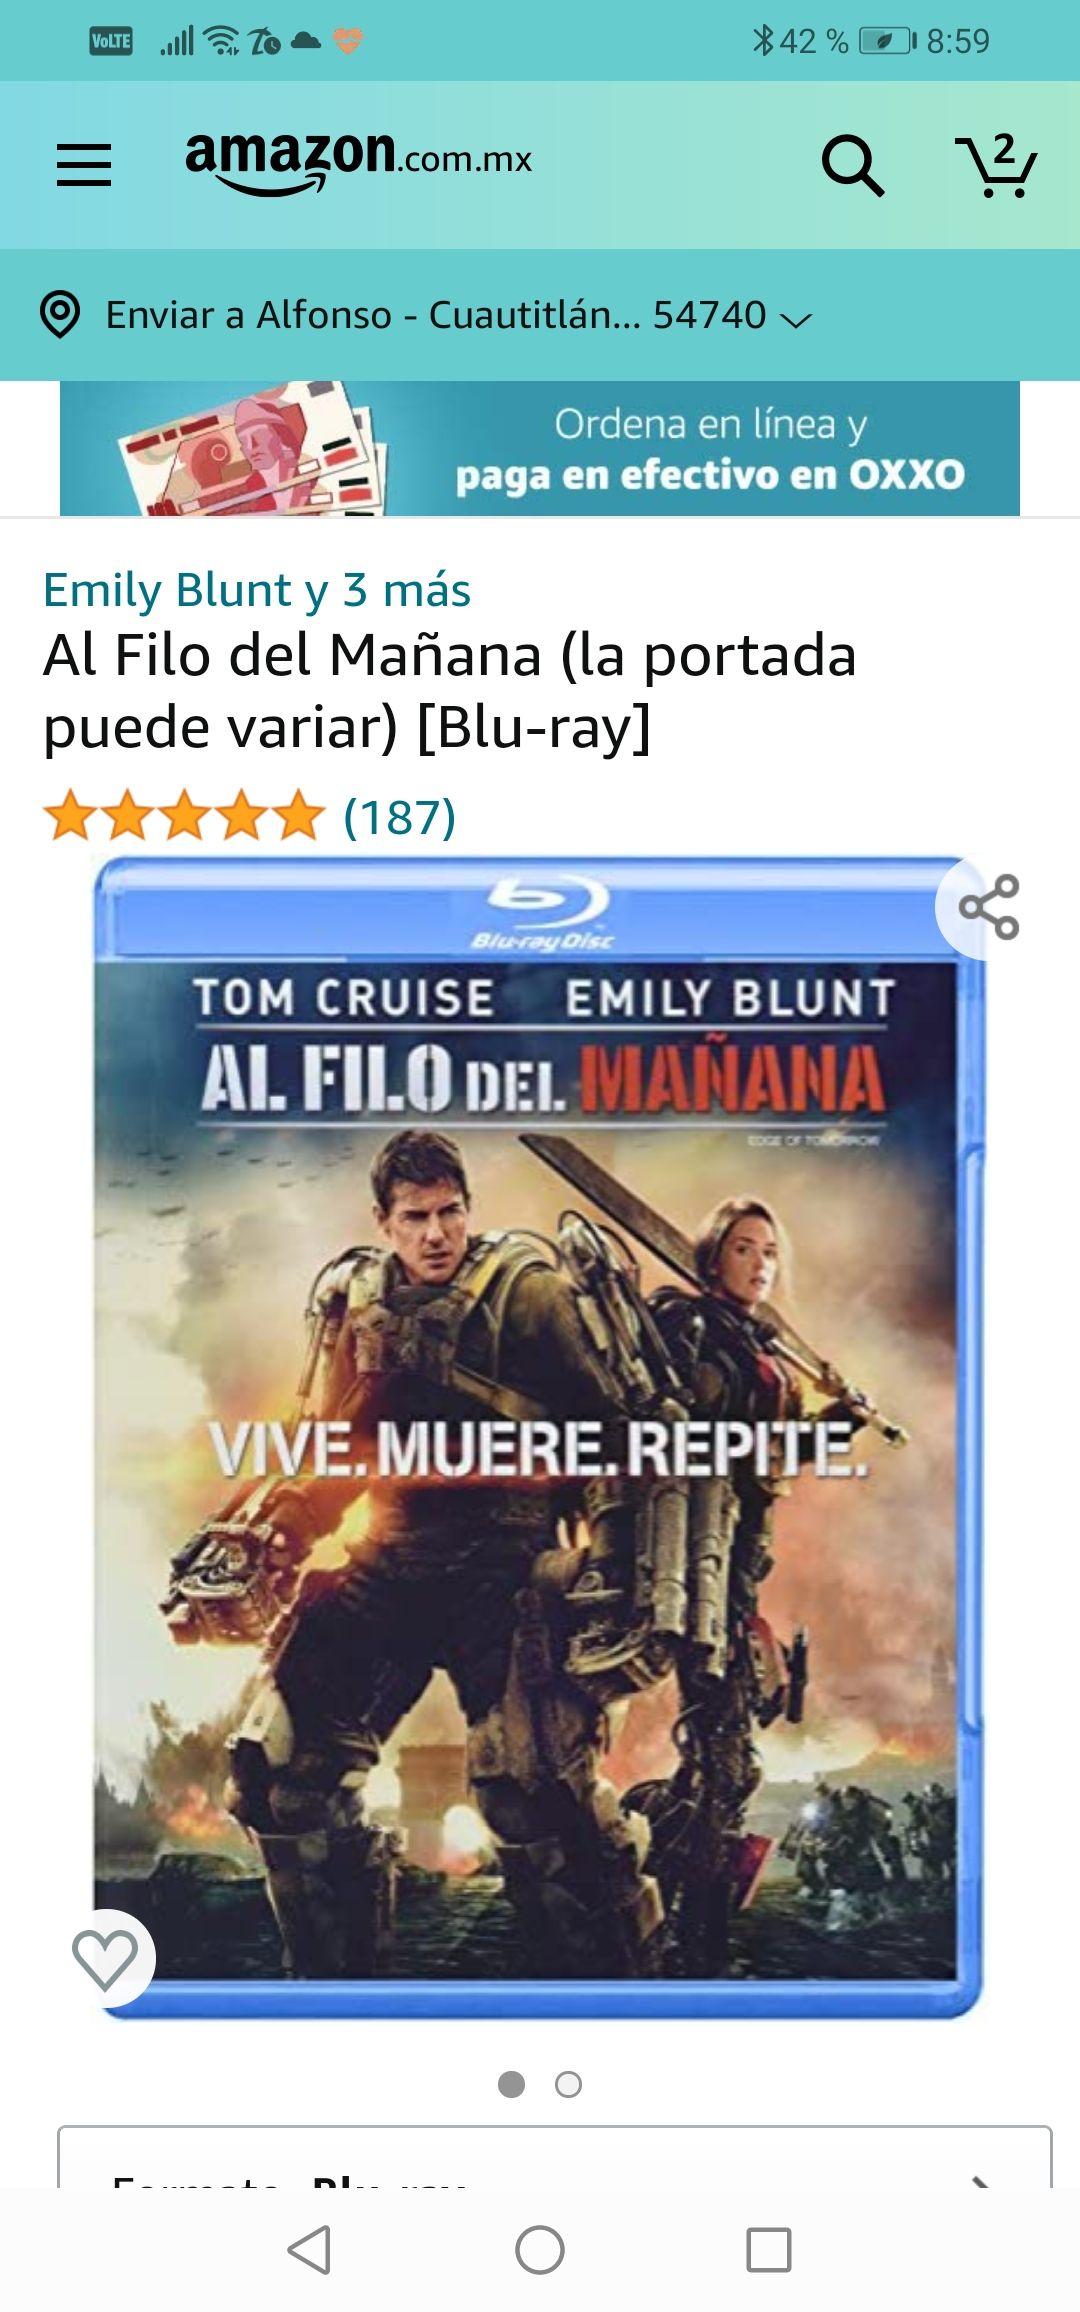 Amazon : Al Filo del Mañana (la portada puede variar) [Blu-ray